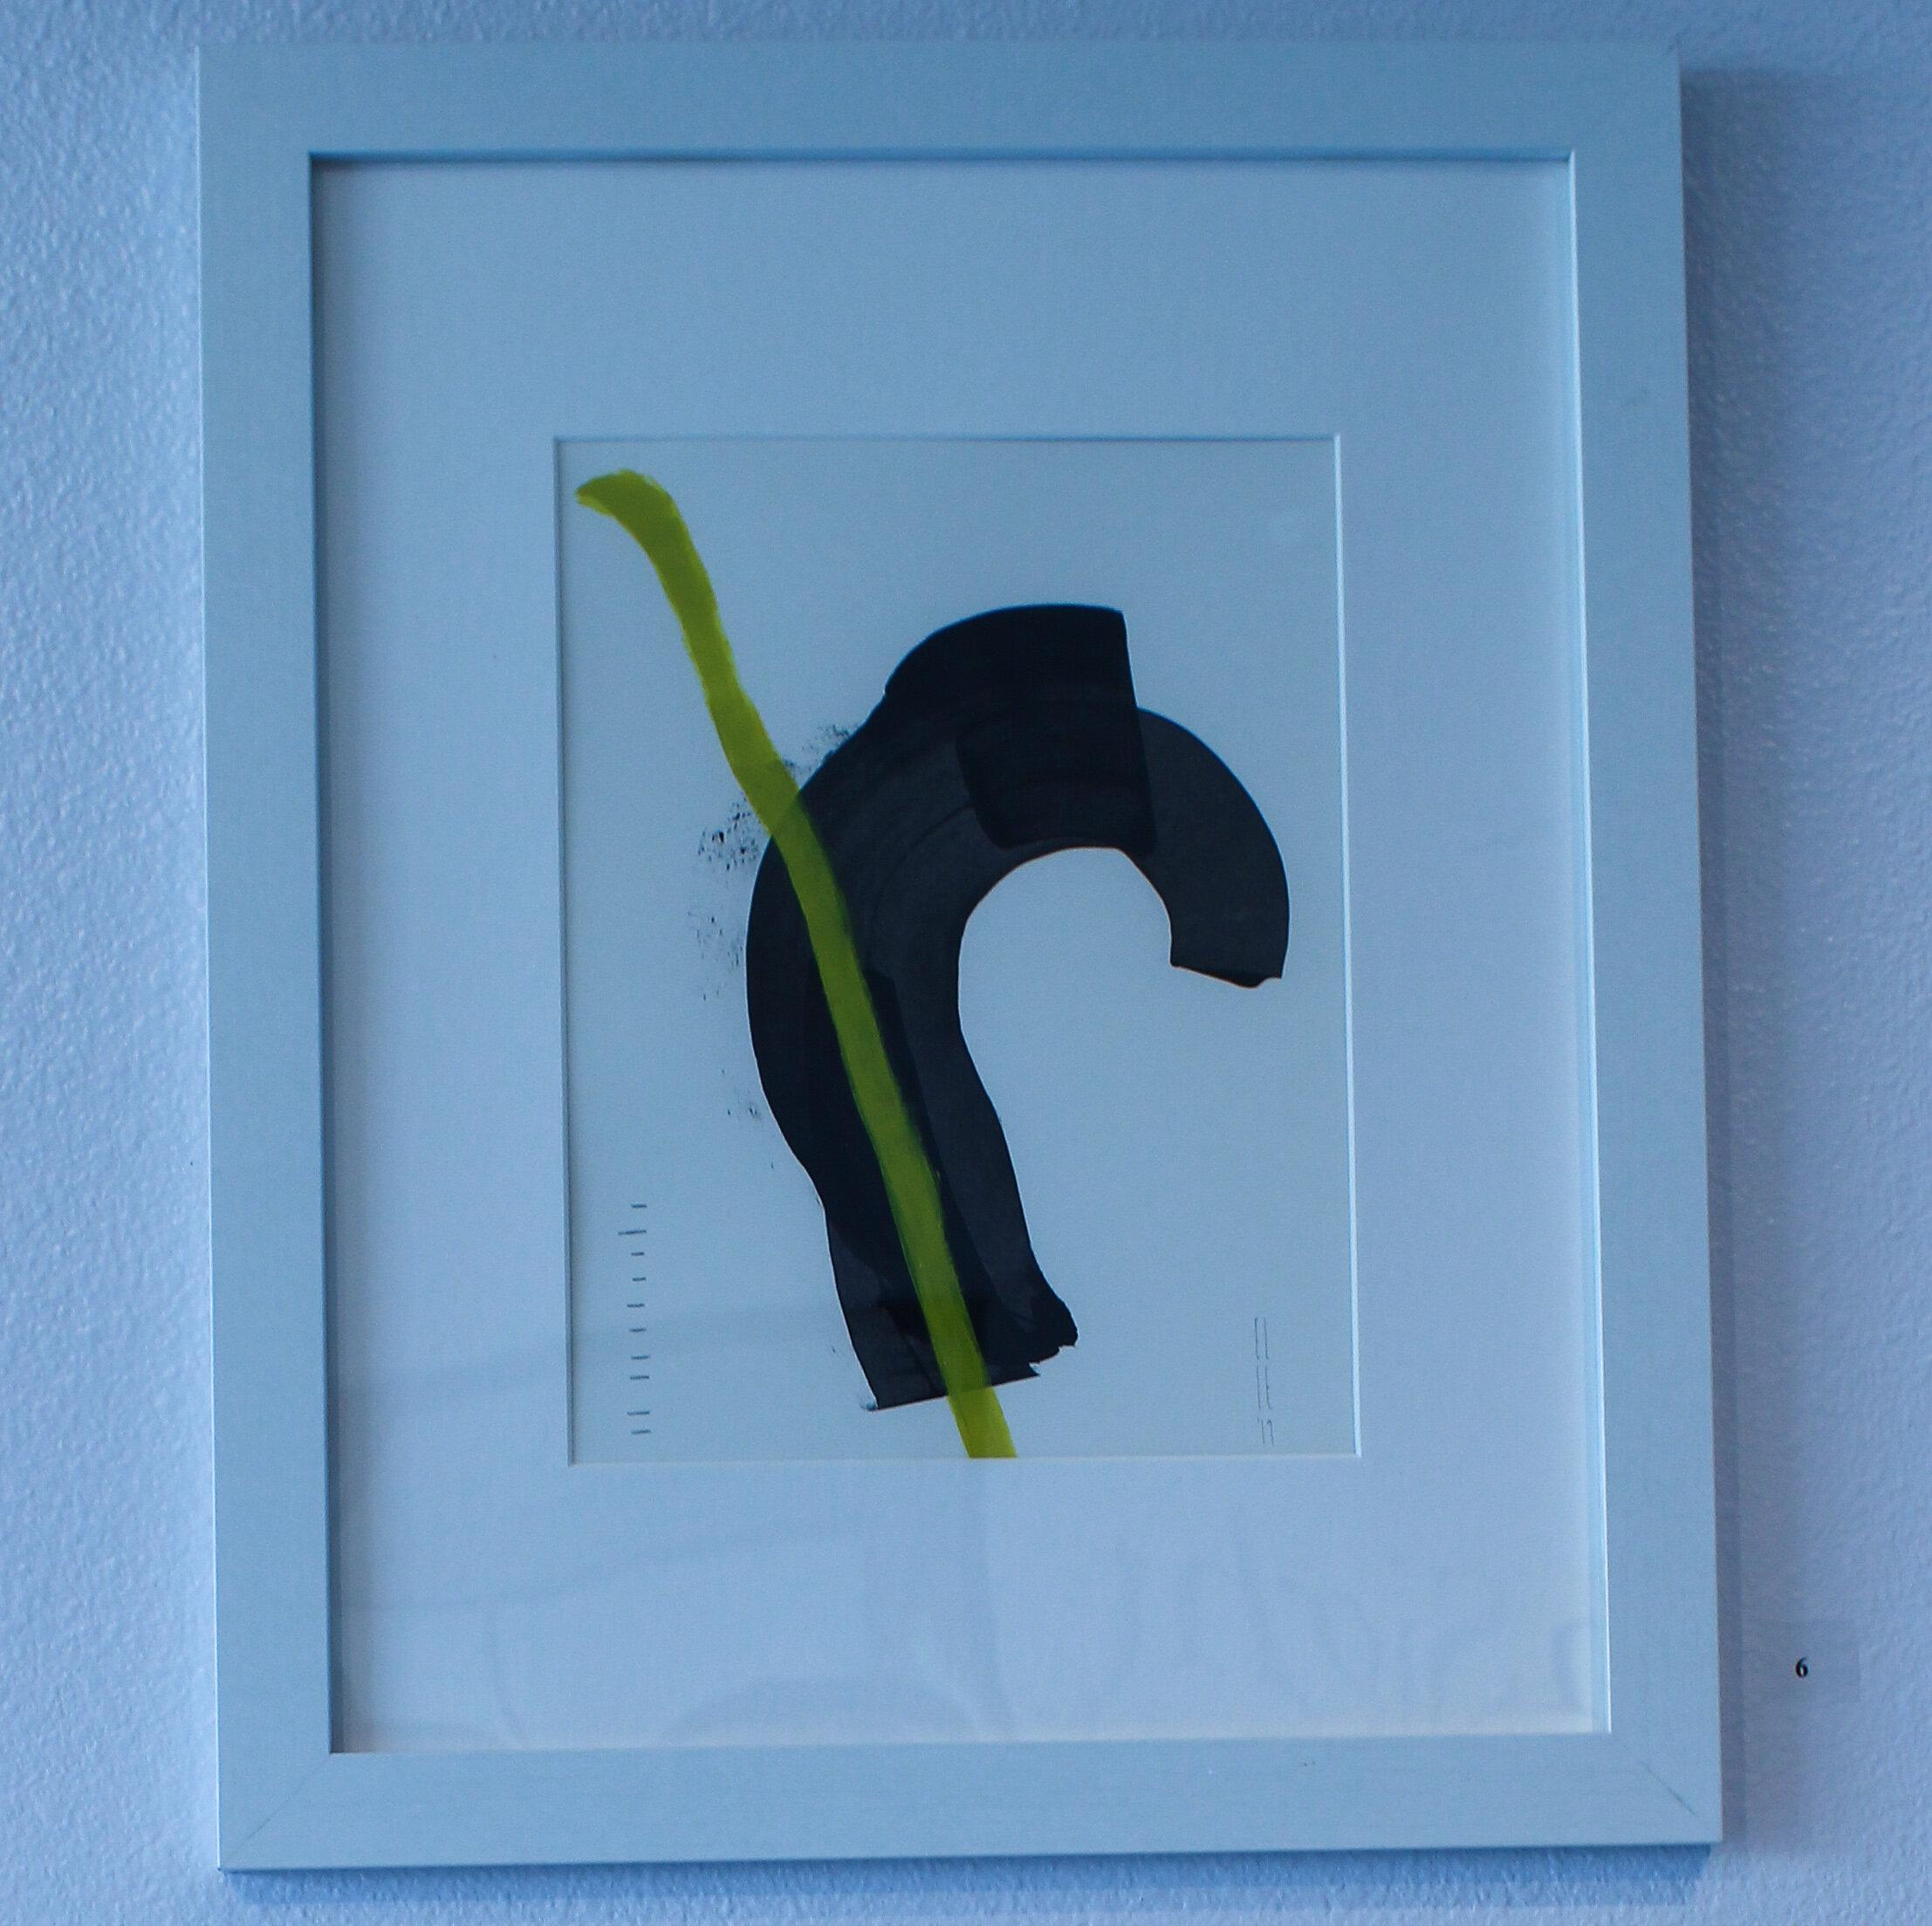 6. Chartreuse II by EL.jpg